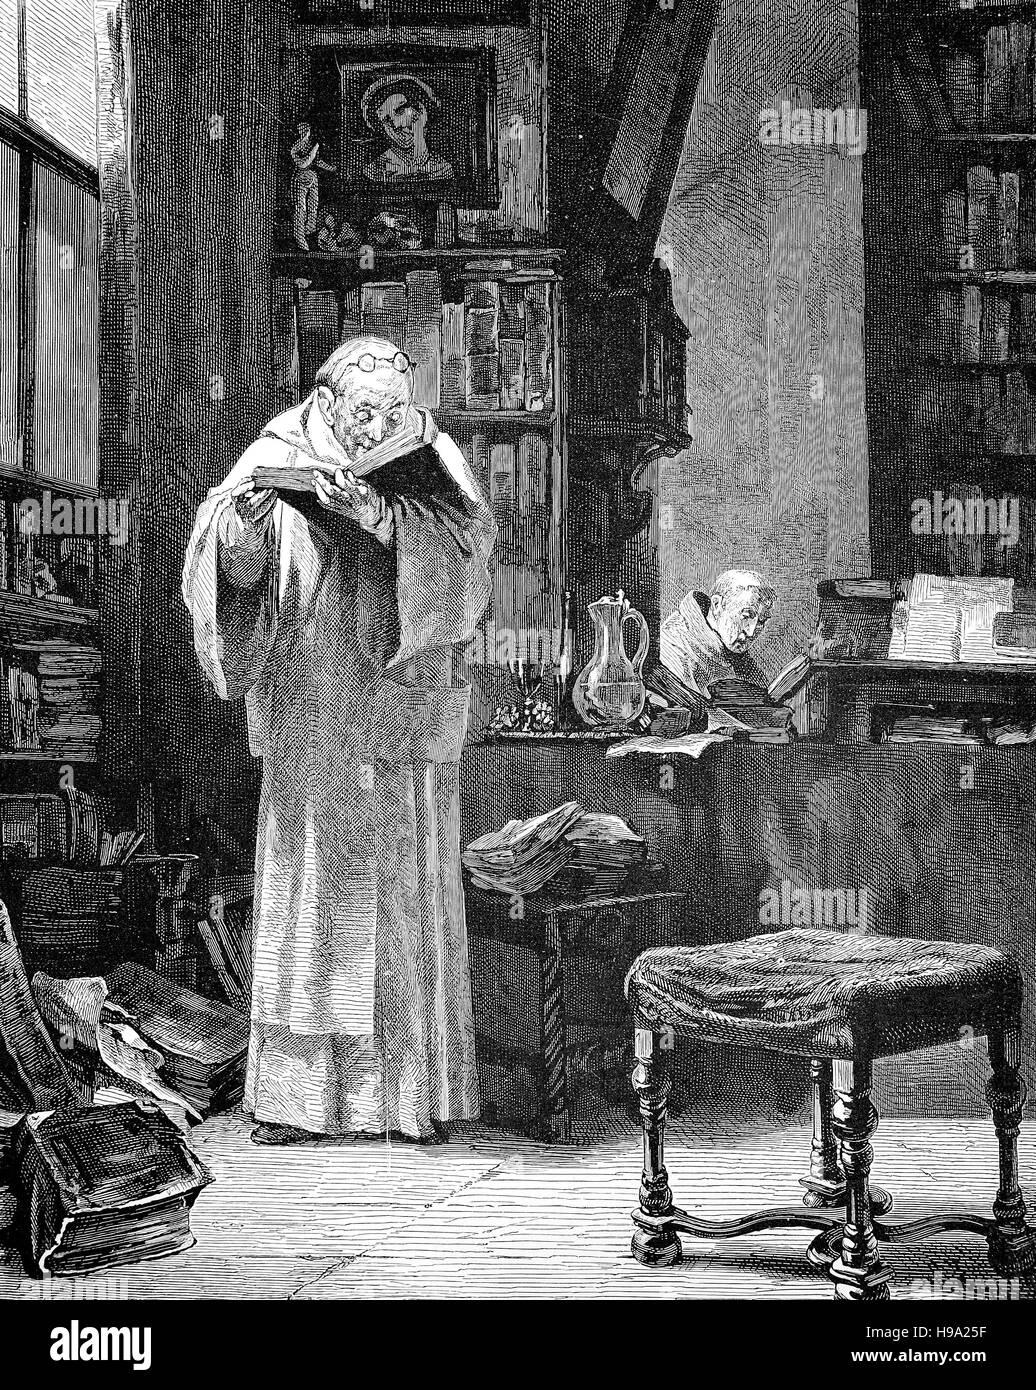 Scholastische Studien am Anfang der Reformation, Mittelalter, 1500, historische Abbildung Stockbild